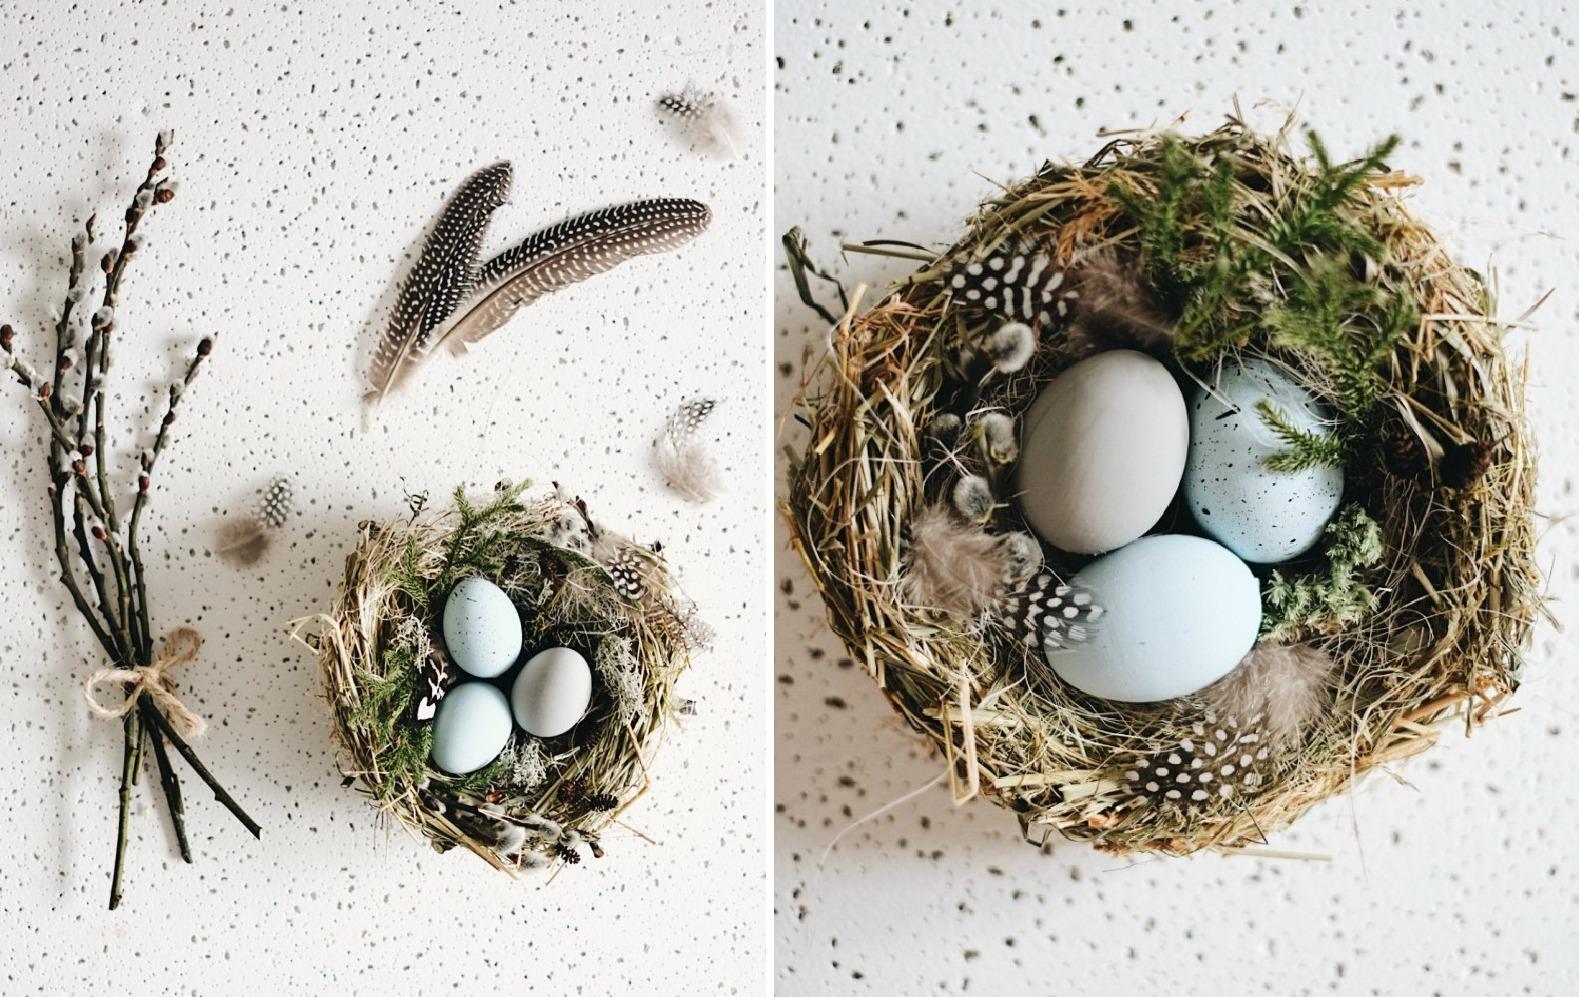 Как спасти птенца, выпавшего из гнезда Энциклопедия